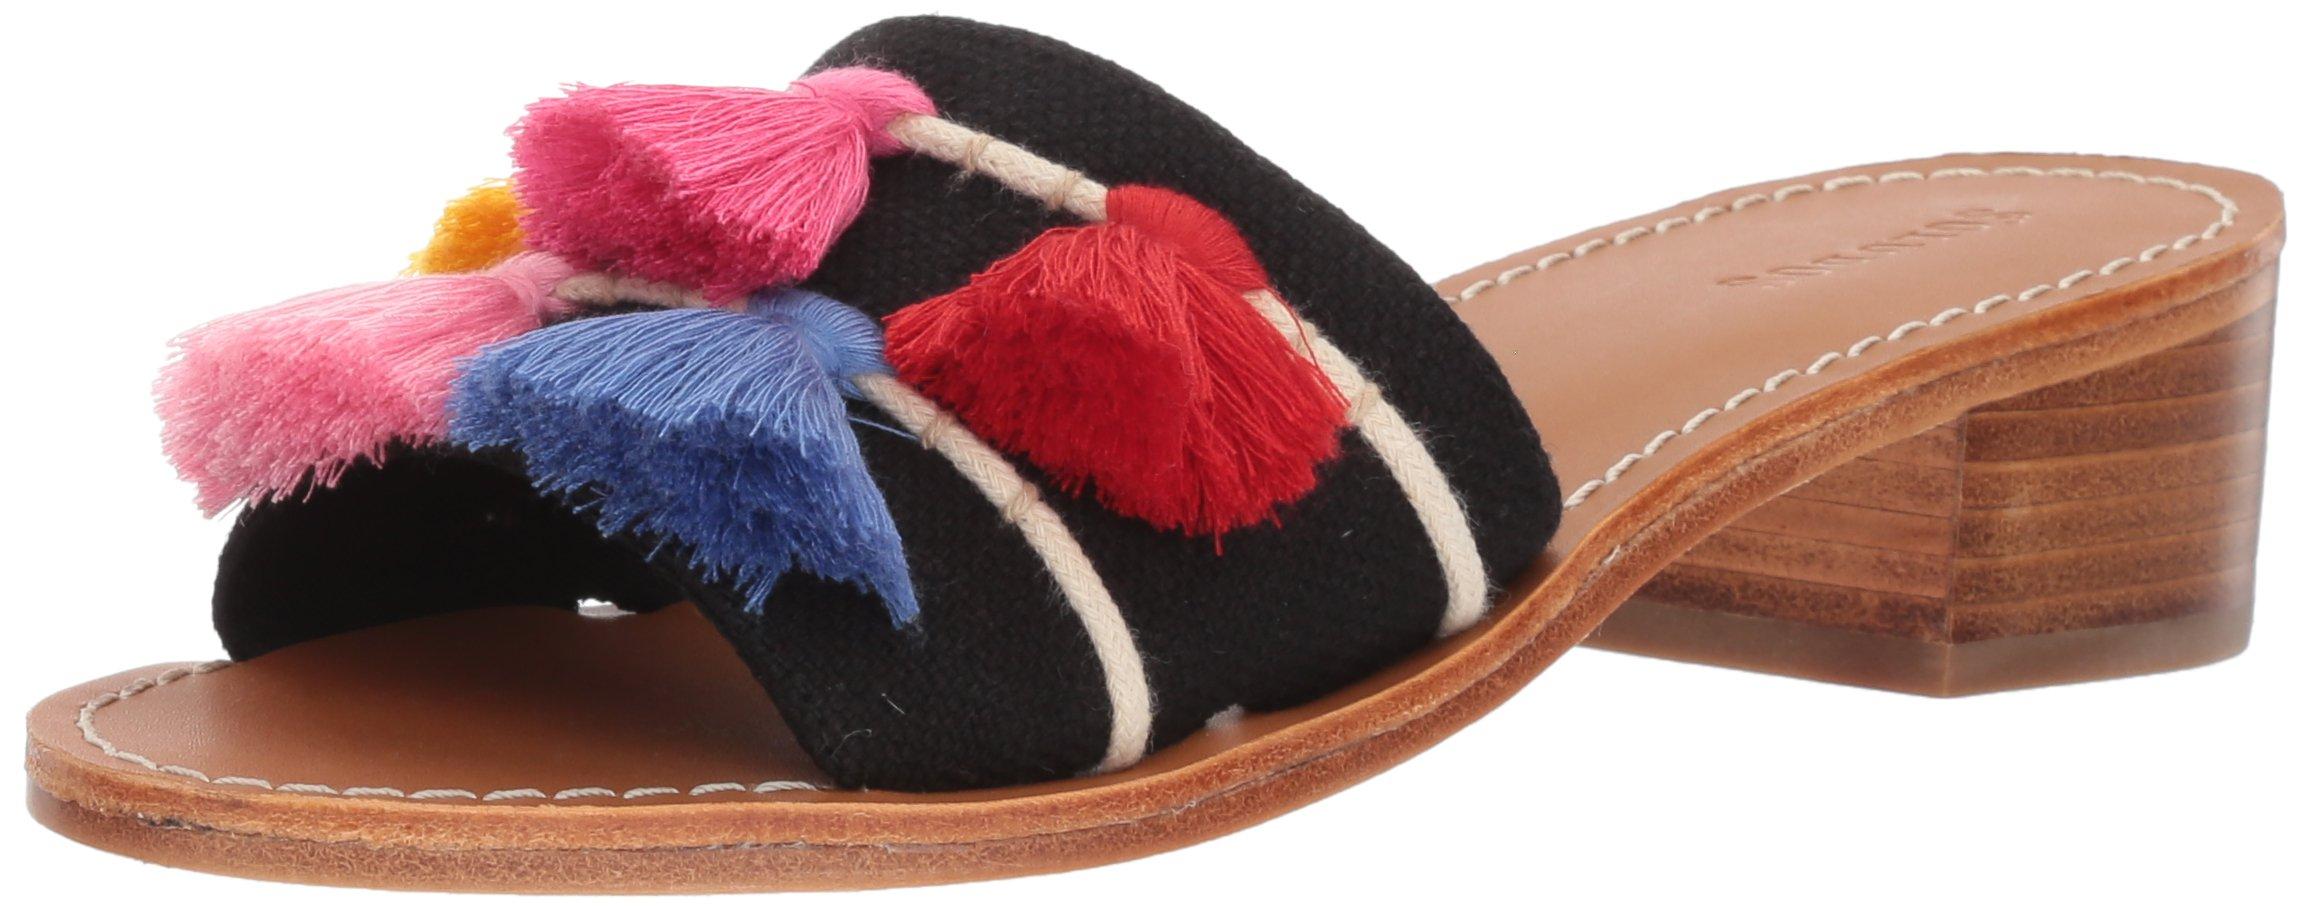 Soludos Women's Tassel City Slide Sandal, Black/Multi, 8.5 B US